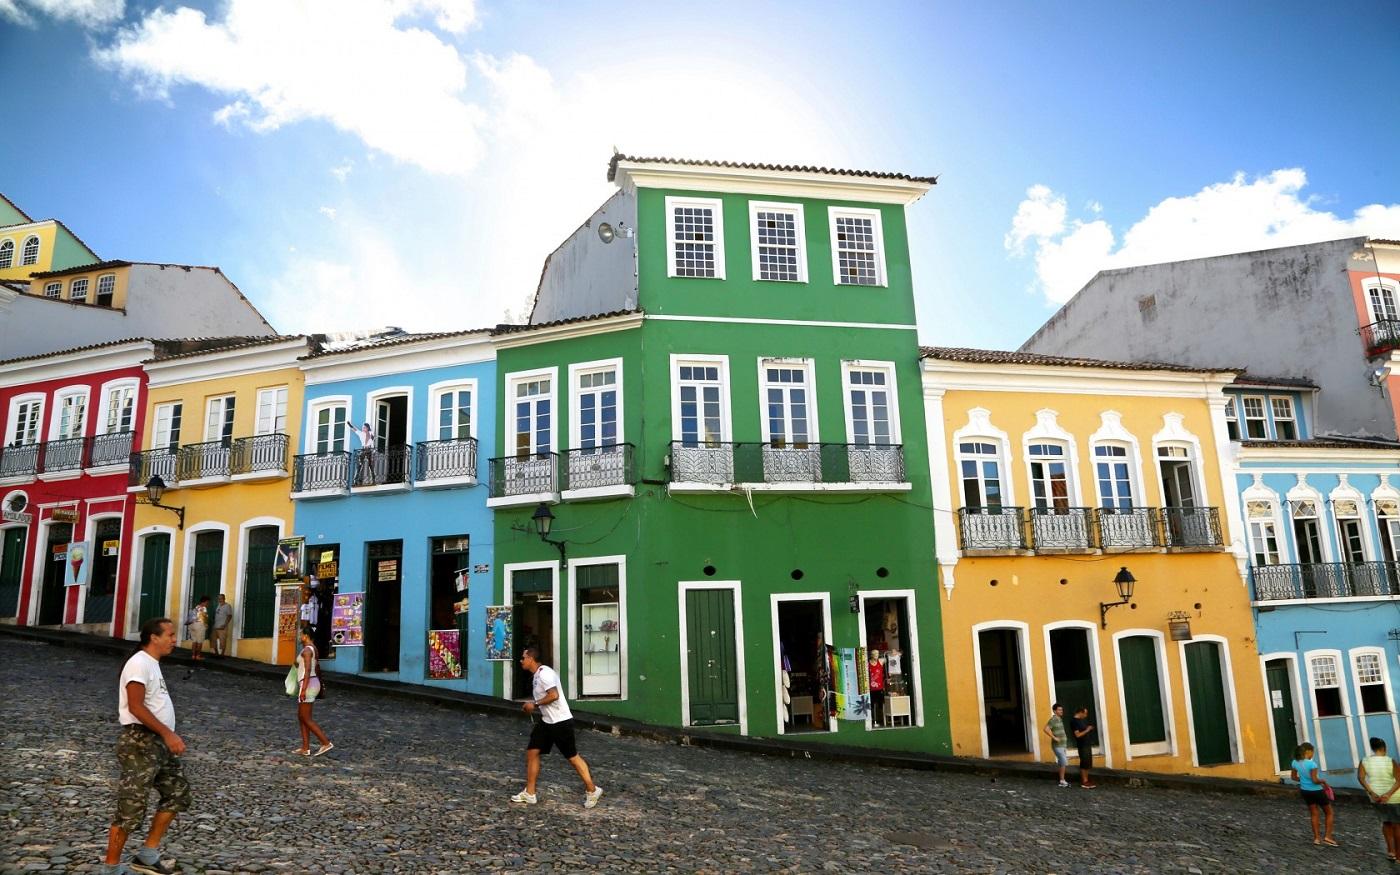 Edificiile multicolore conferă zonei un farmec aparte